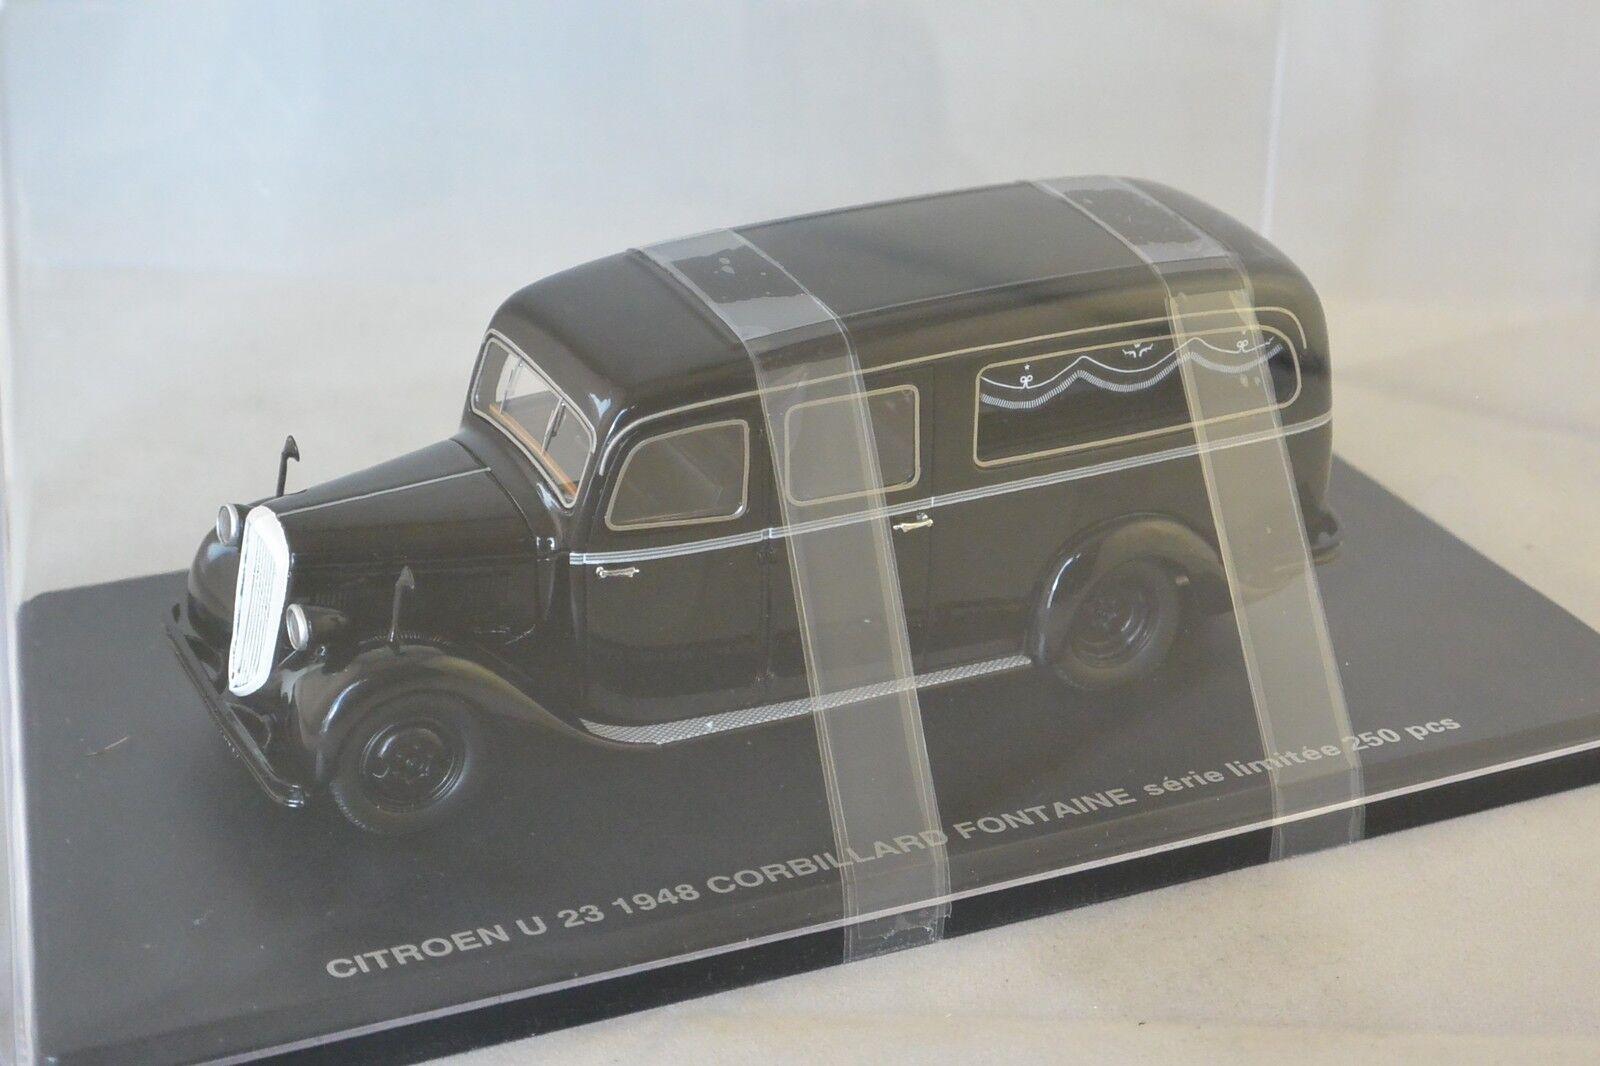 PERFEX 504 CITROEN U23 CORBILLARD 1948 1 43